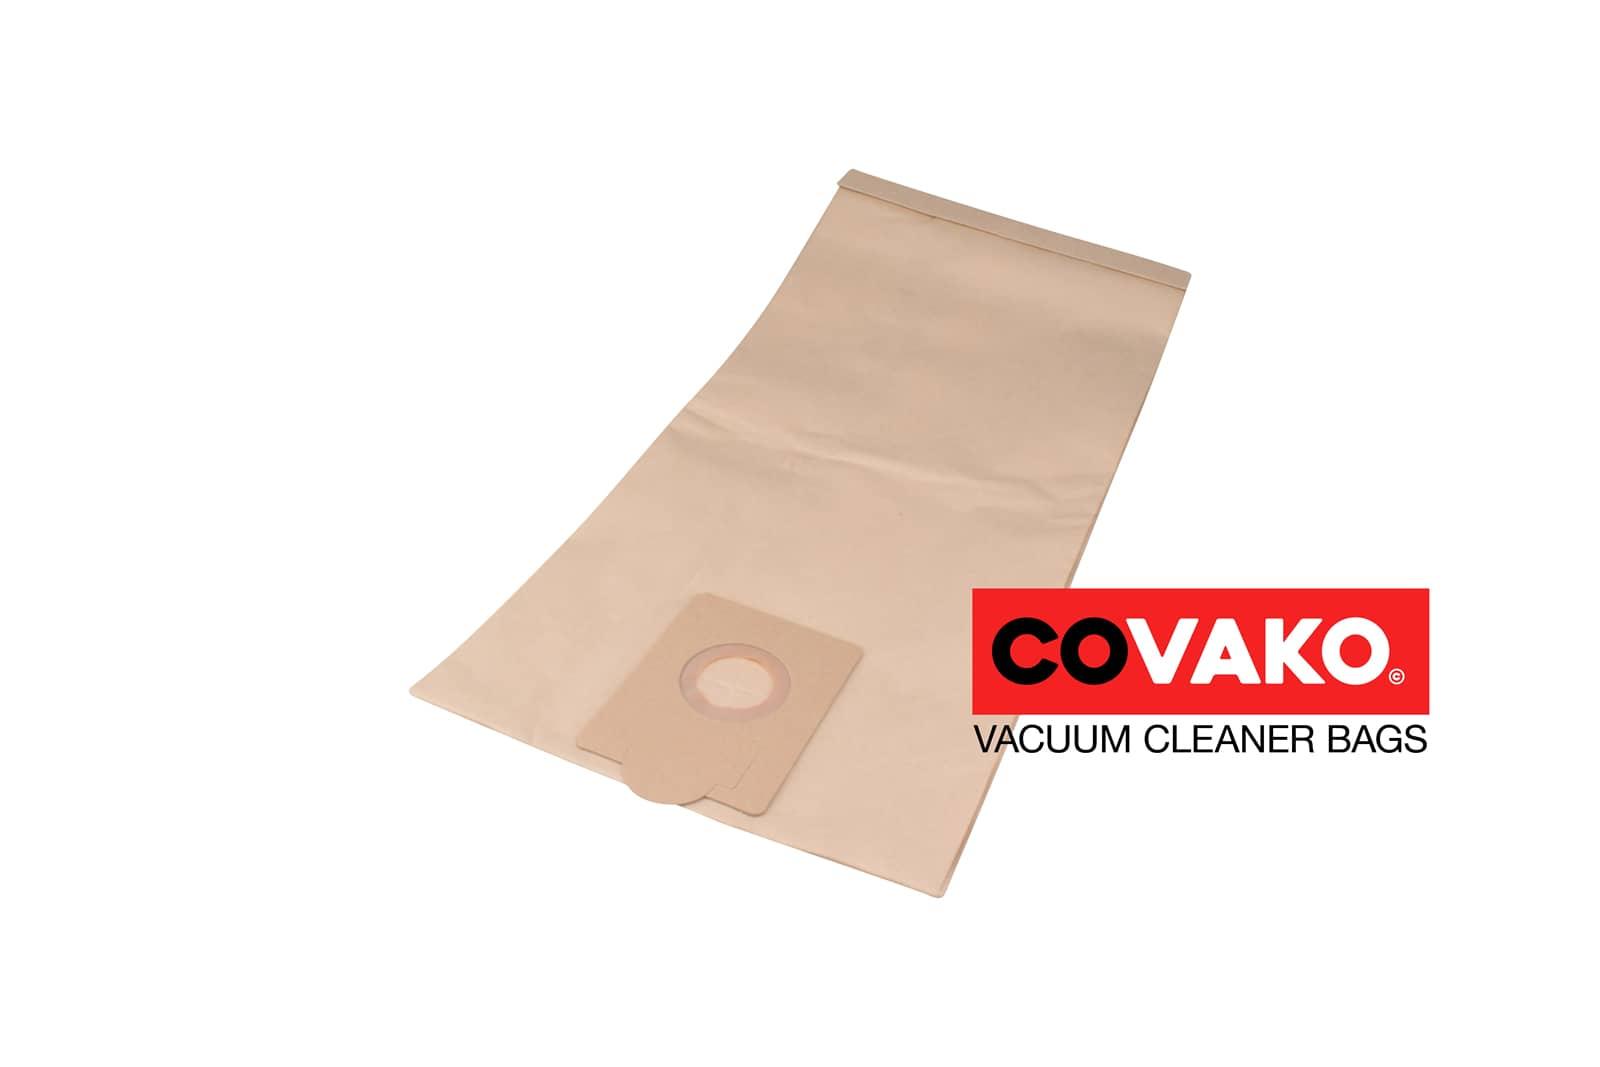 Fimap FV 30 / Papier - Fimap sacs d'aspirateur